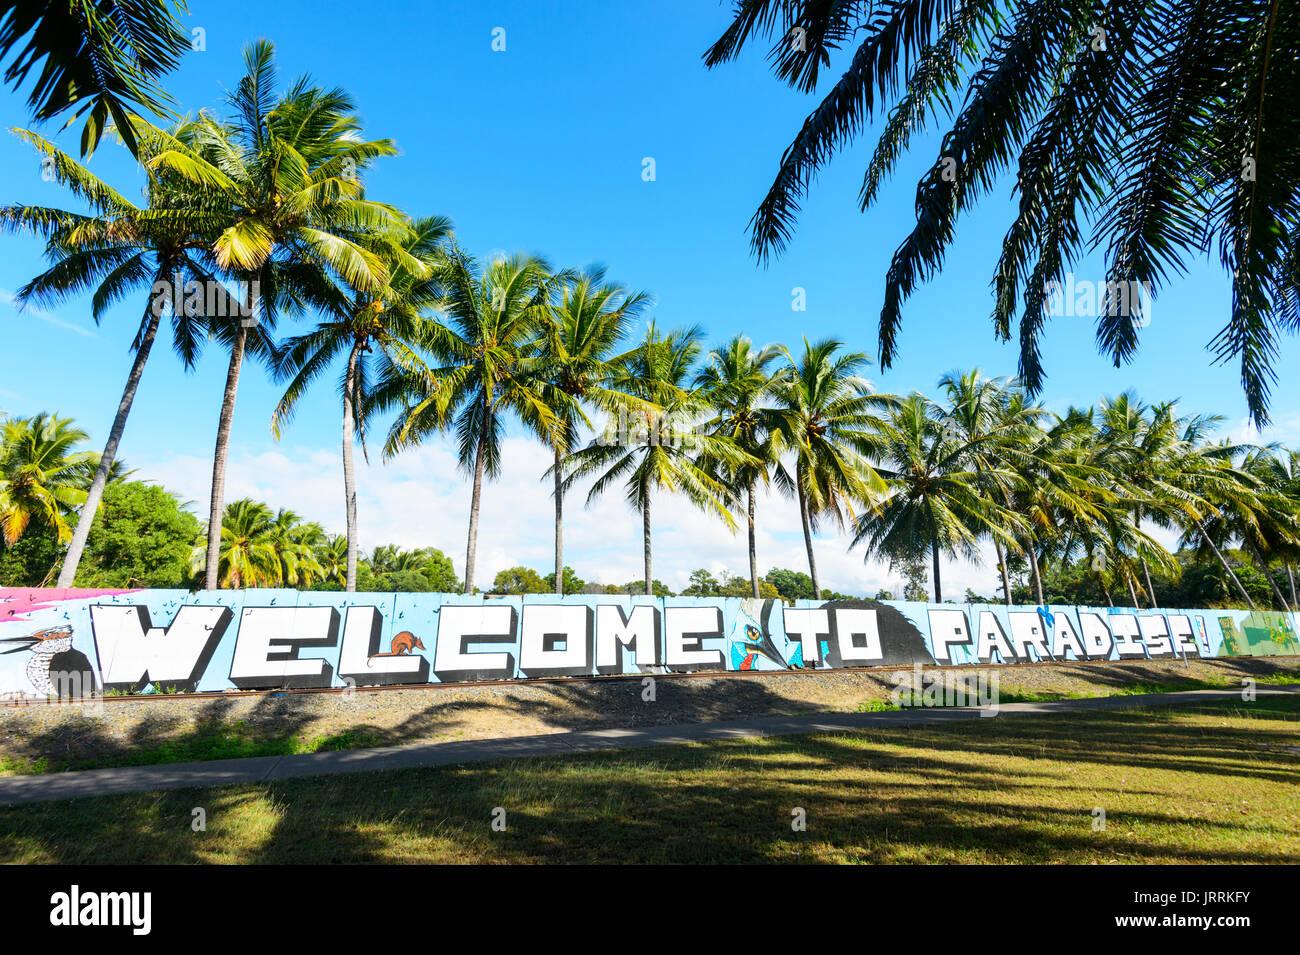 Bienvenue au Paradis panneau à l'entrée de Port Douglas, l'extrême nord du Queensland, Australie, Queensland, FNQ Photo Stock